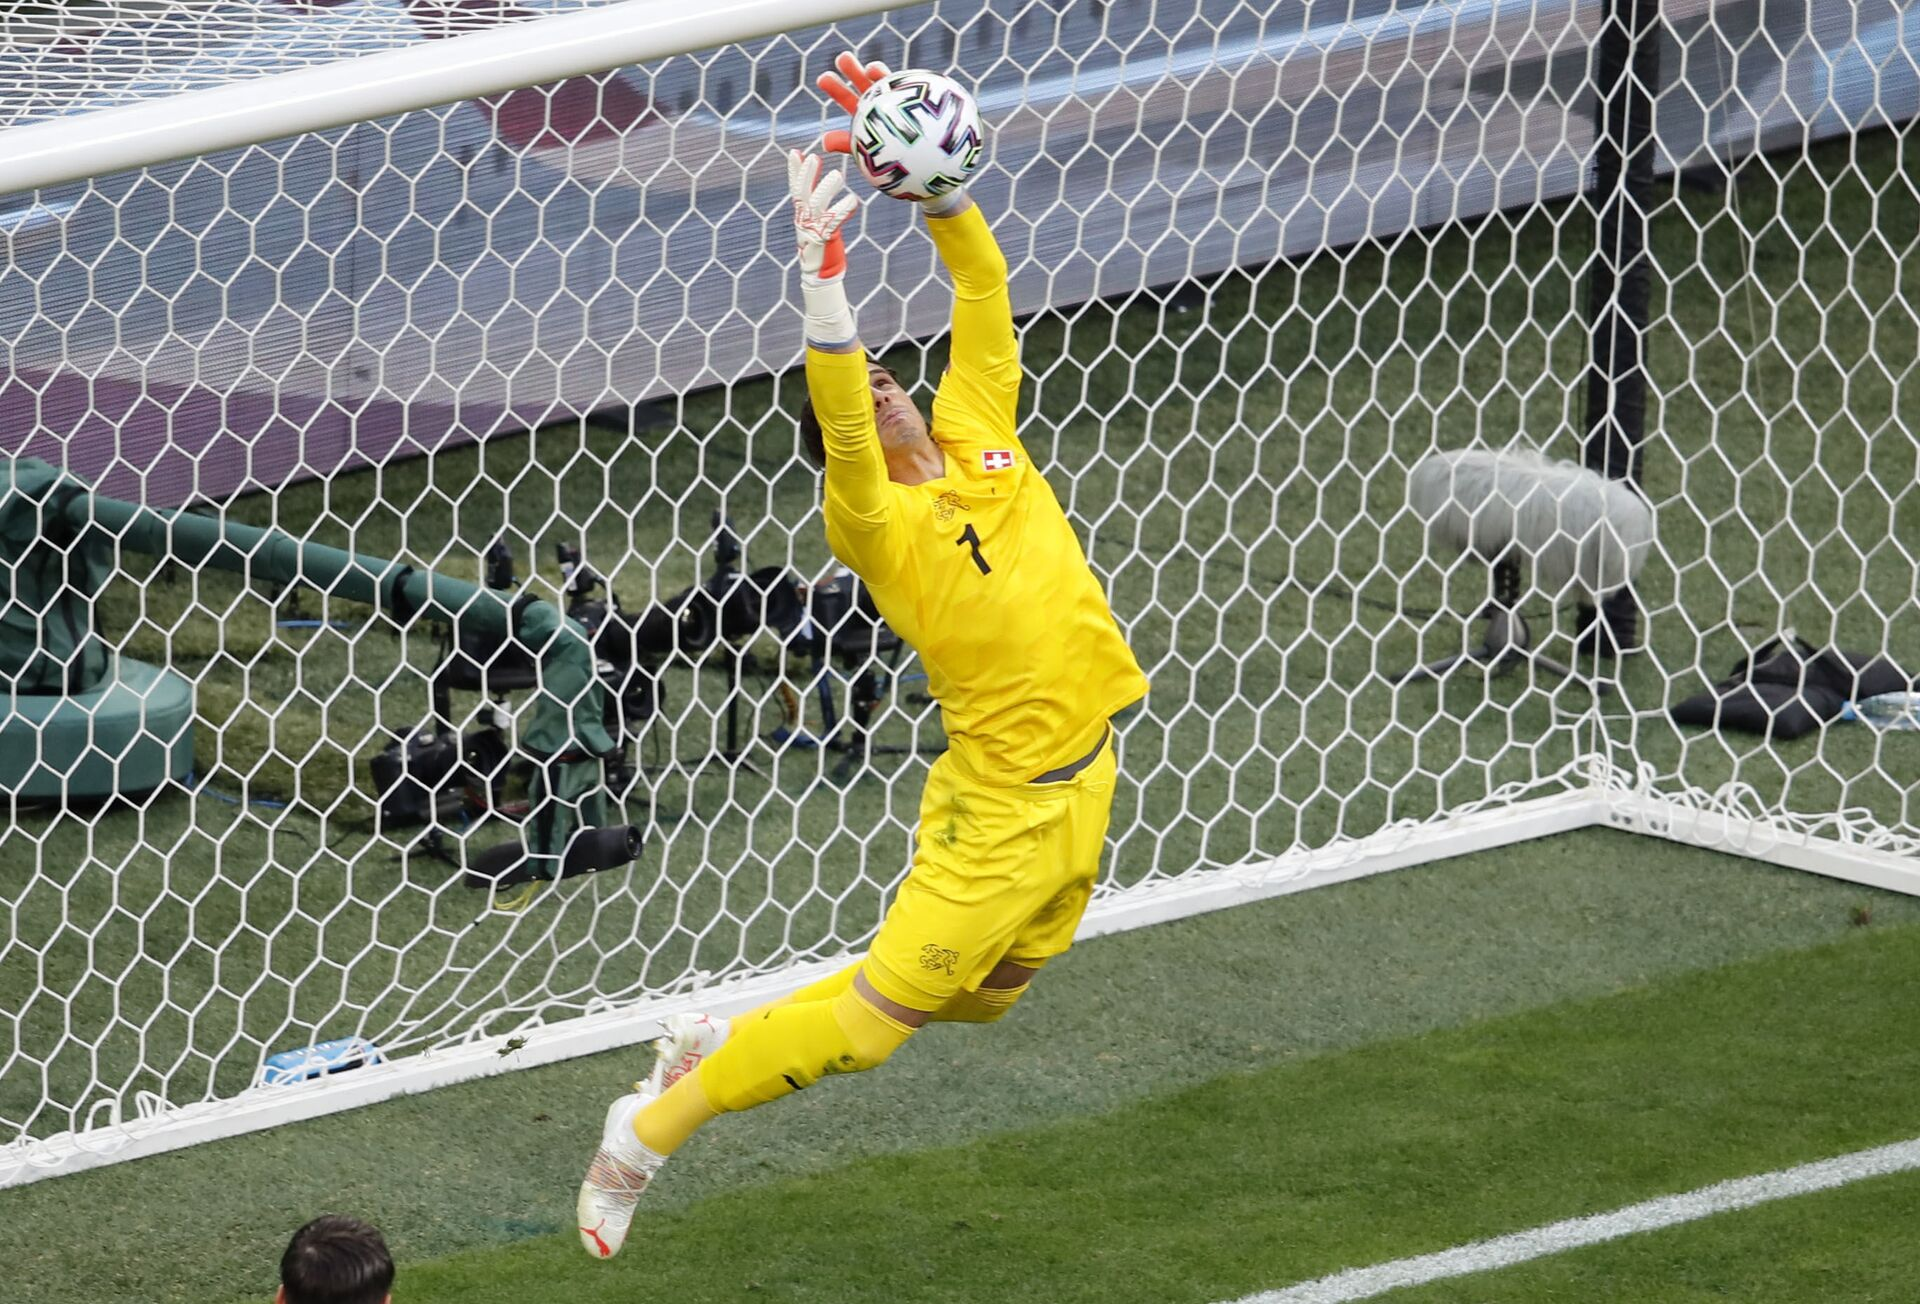 Đội Tây Ban Nha thắng đội Thụy Sĩ sau loạt đá penalty và tiến vào bán kết EURO 2020 - Sputnik Việt Nam, 1920, 03.07.2021